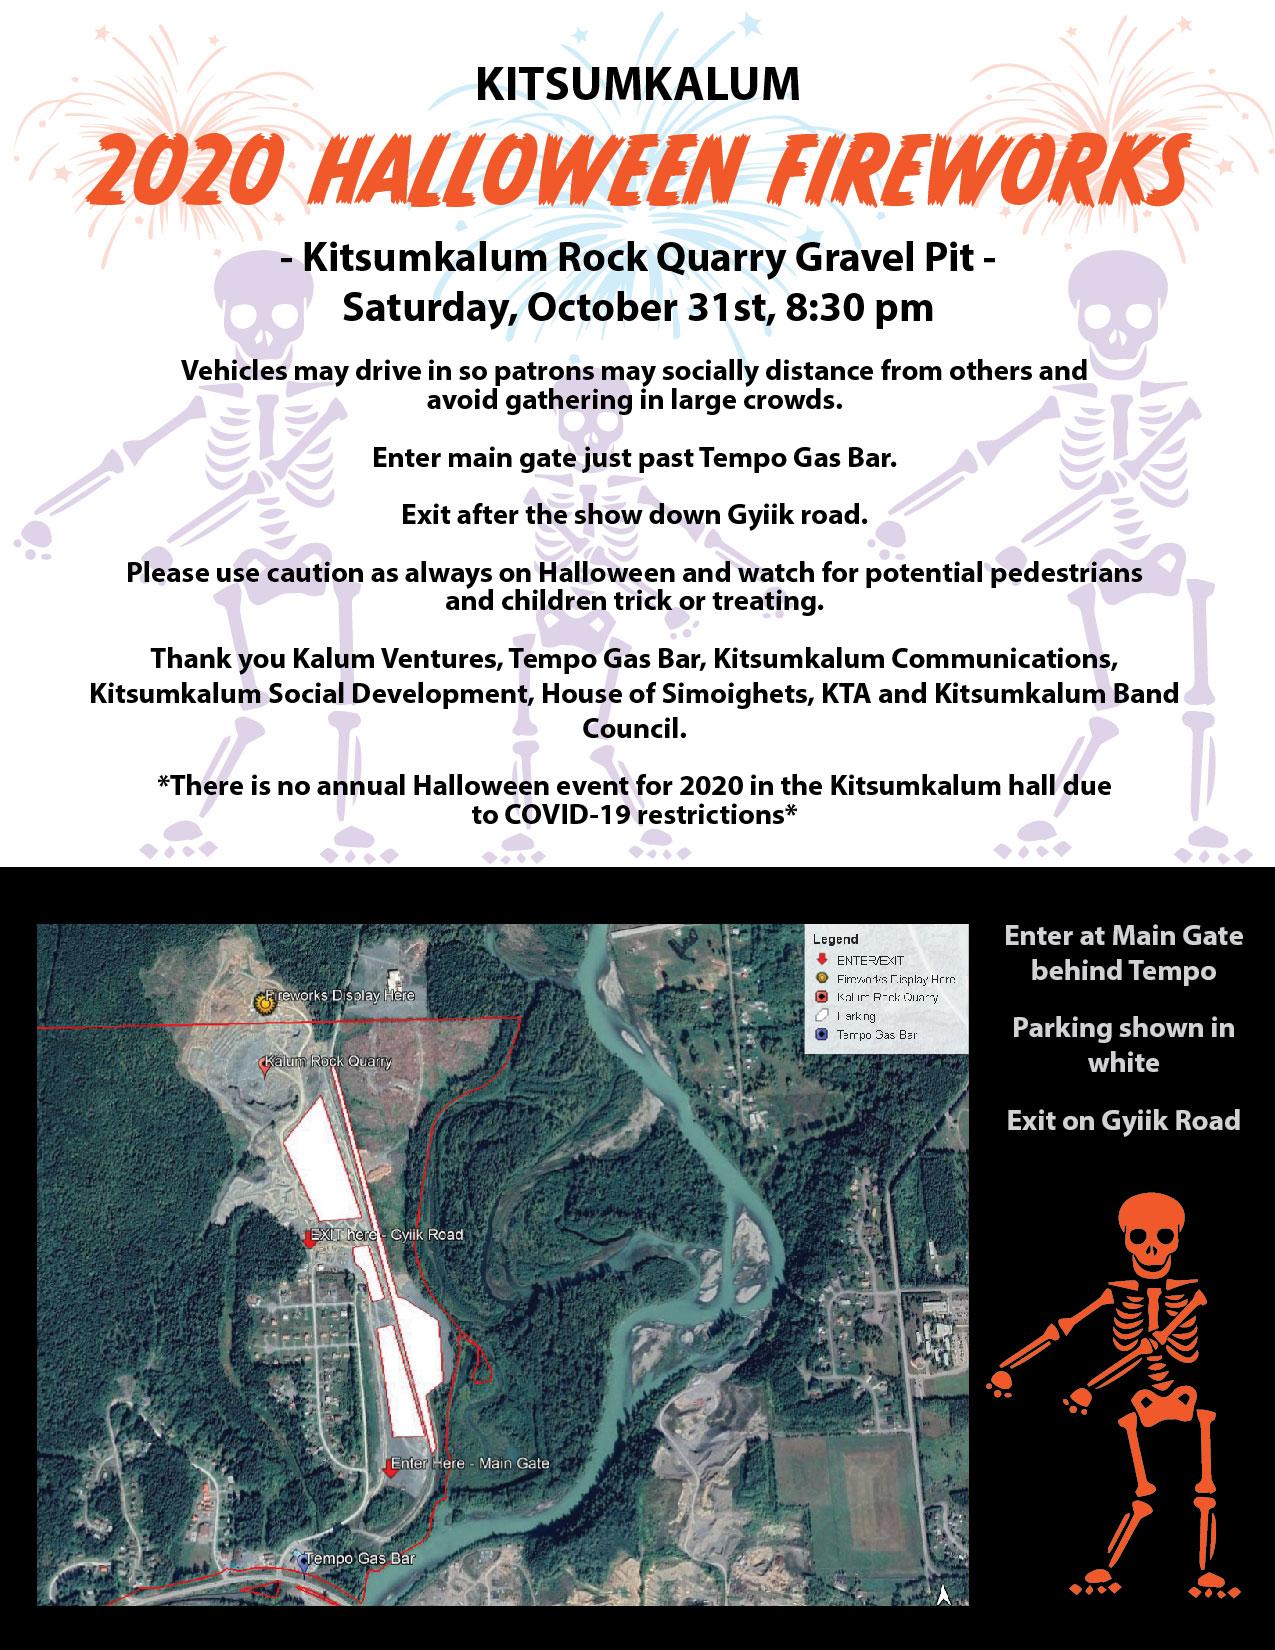 Kitsumkalum 2020 Halloween Fireworks